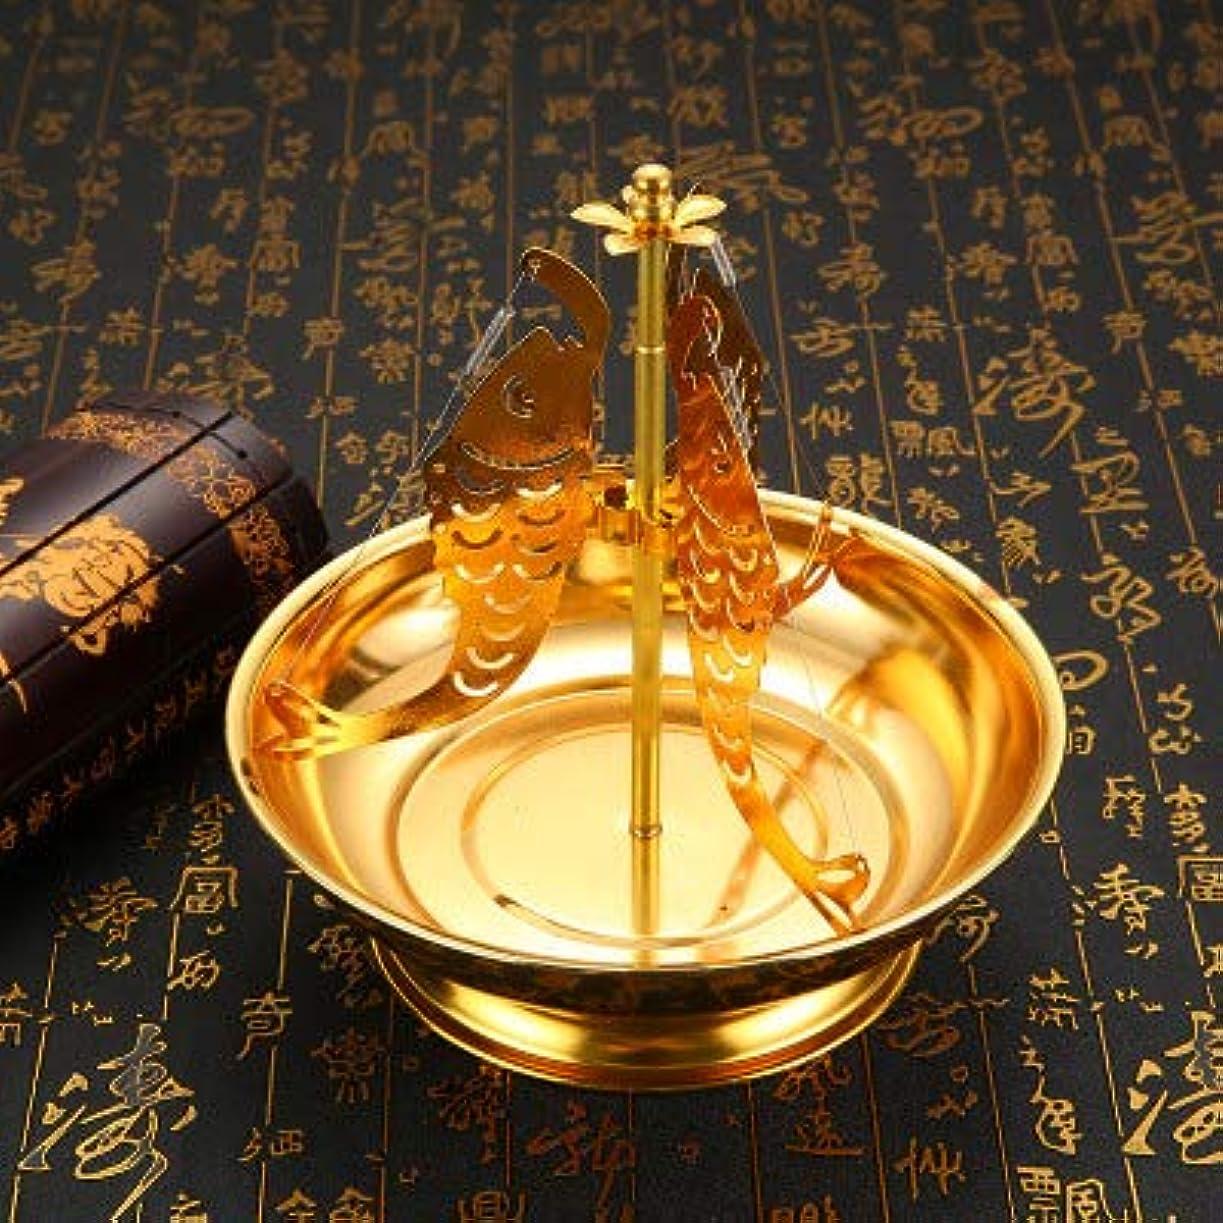 上に築きます可能にする今日PHILOGOD 合金香炉 香立て 鯉のスタイリング線香立て 香皿 (Gold)